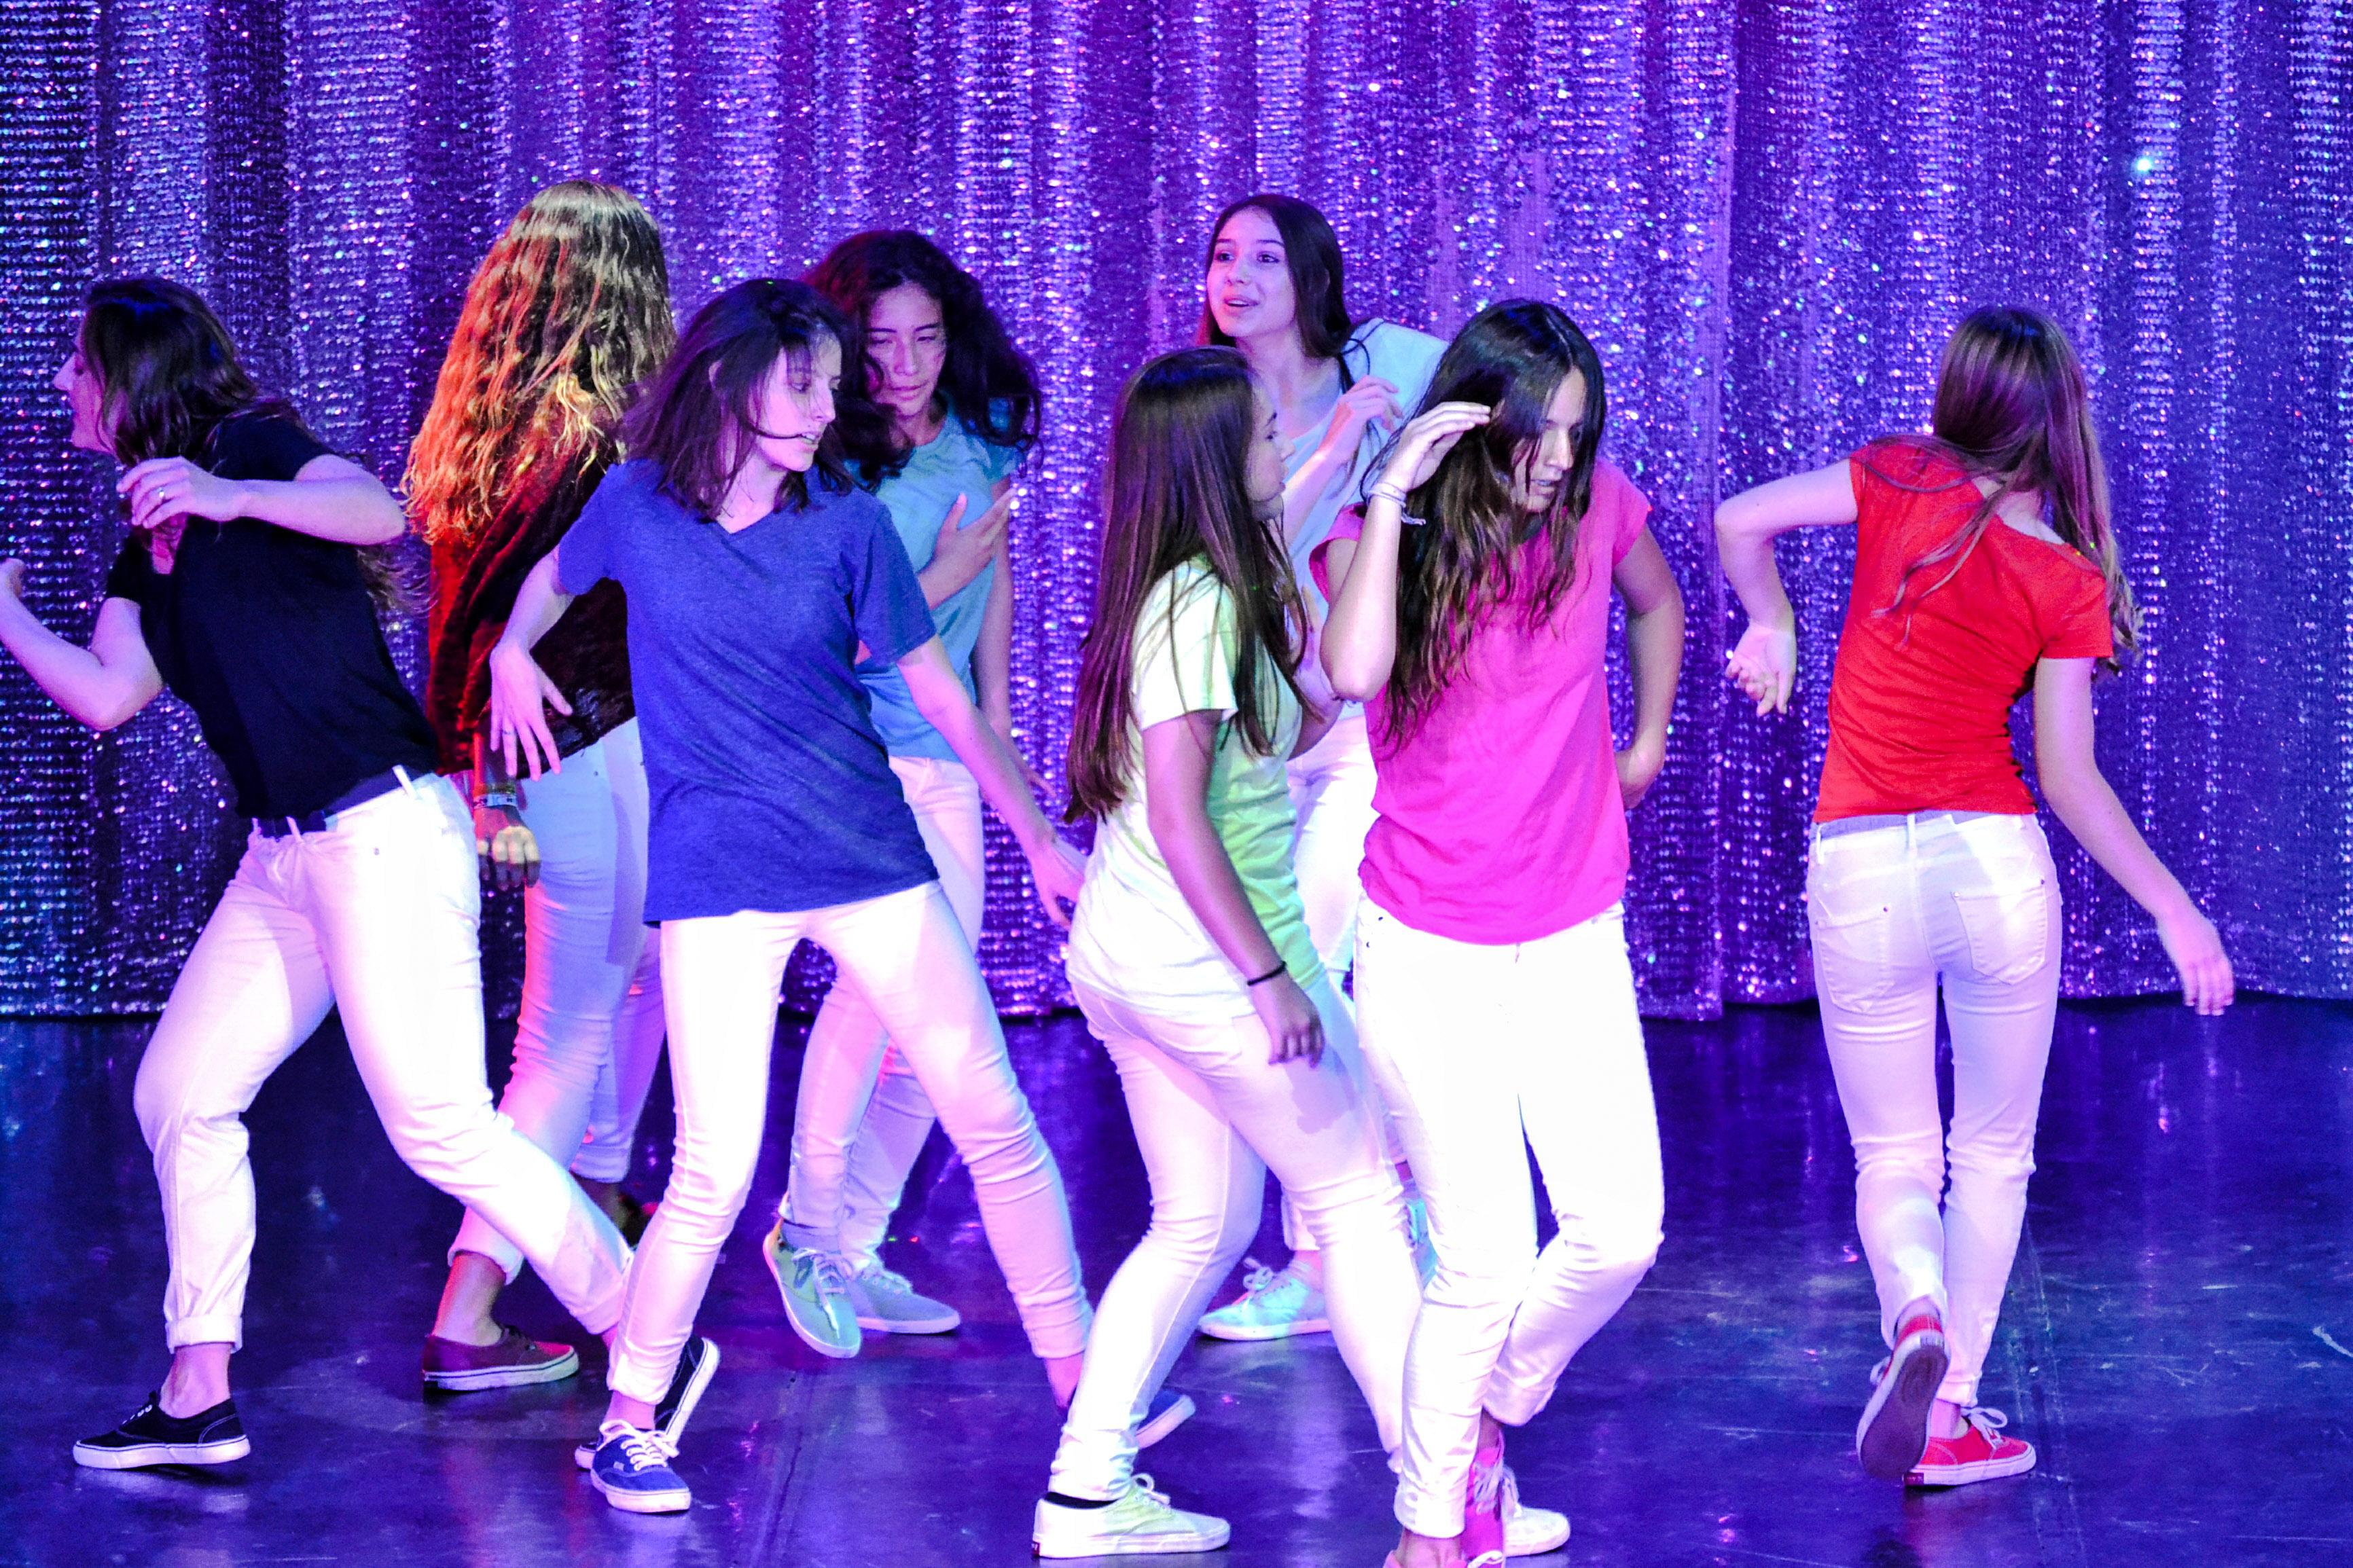 Linea-de-Baile-festival-verano-2015-clases-de-baile-valencia-180